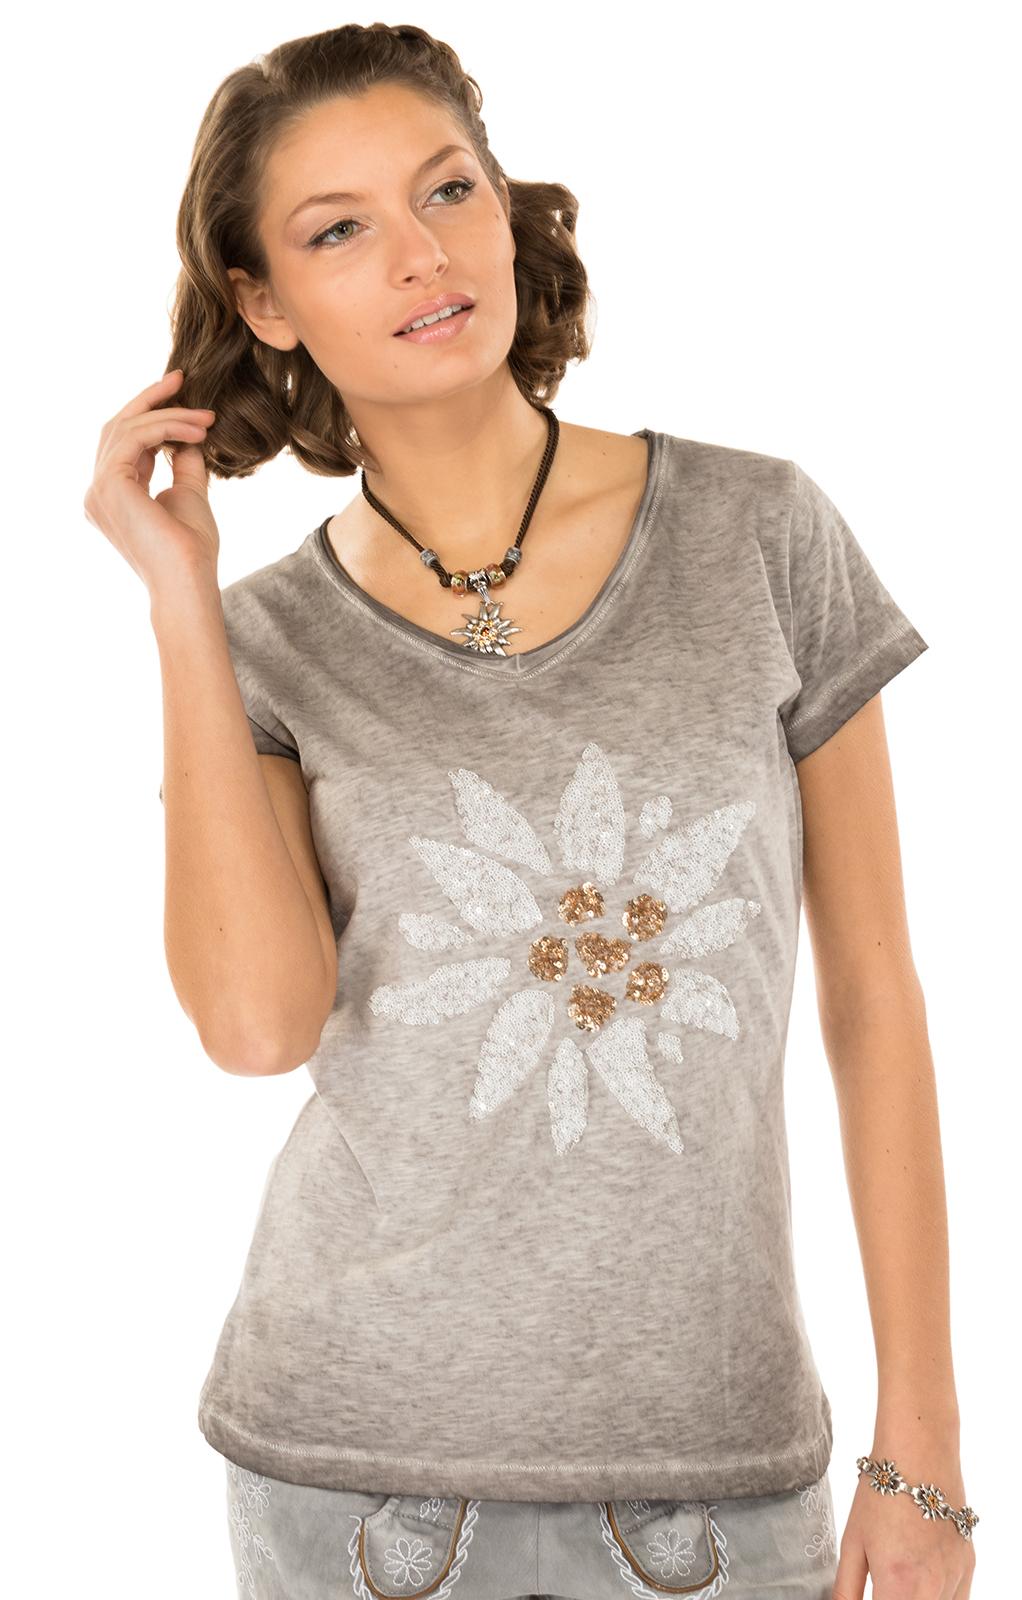 Trachten T-Shirt MISSY grau Edelweiss von Hangowear